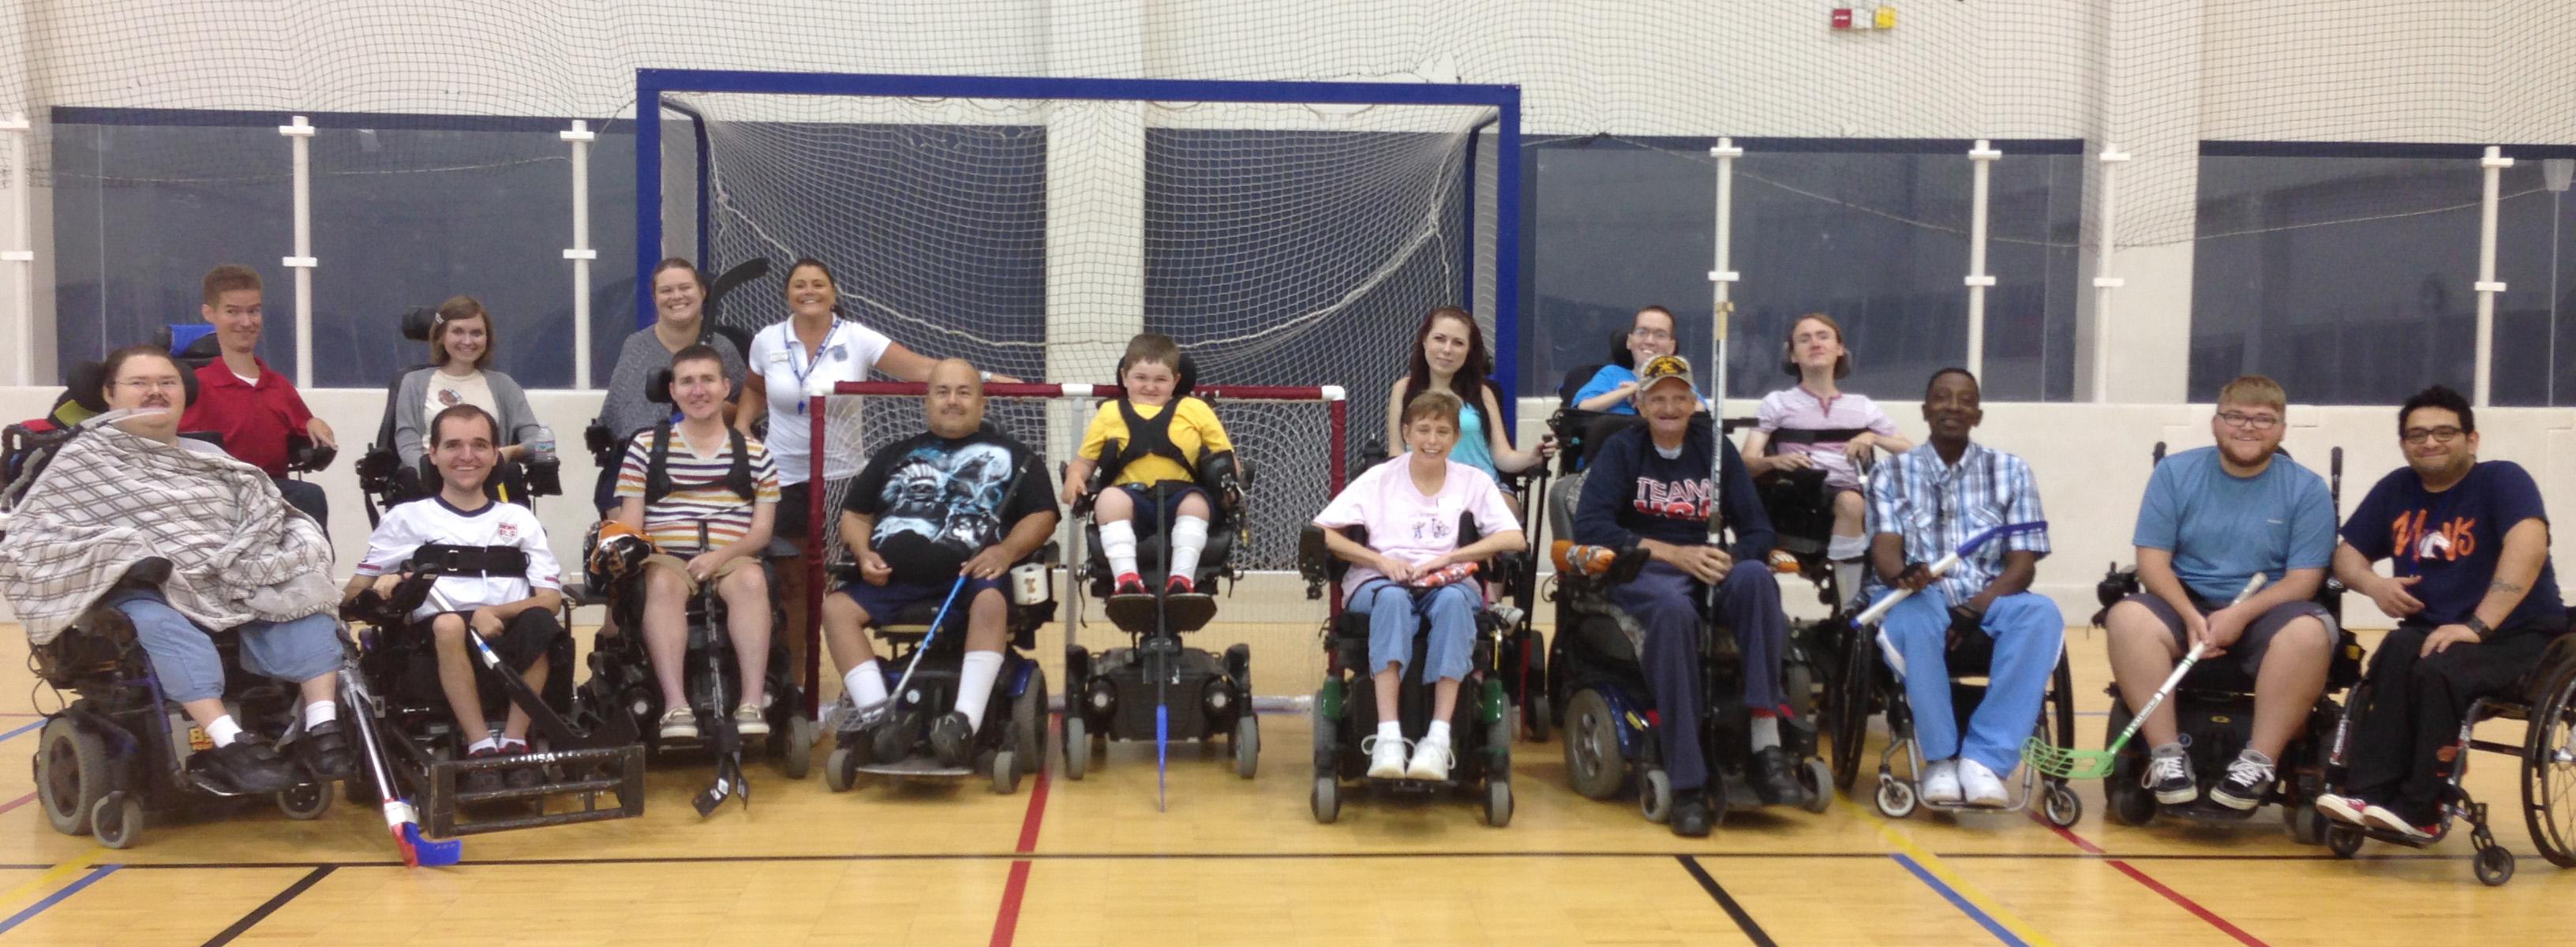 hockey clinic 2014